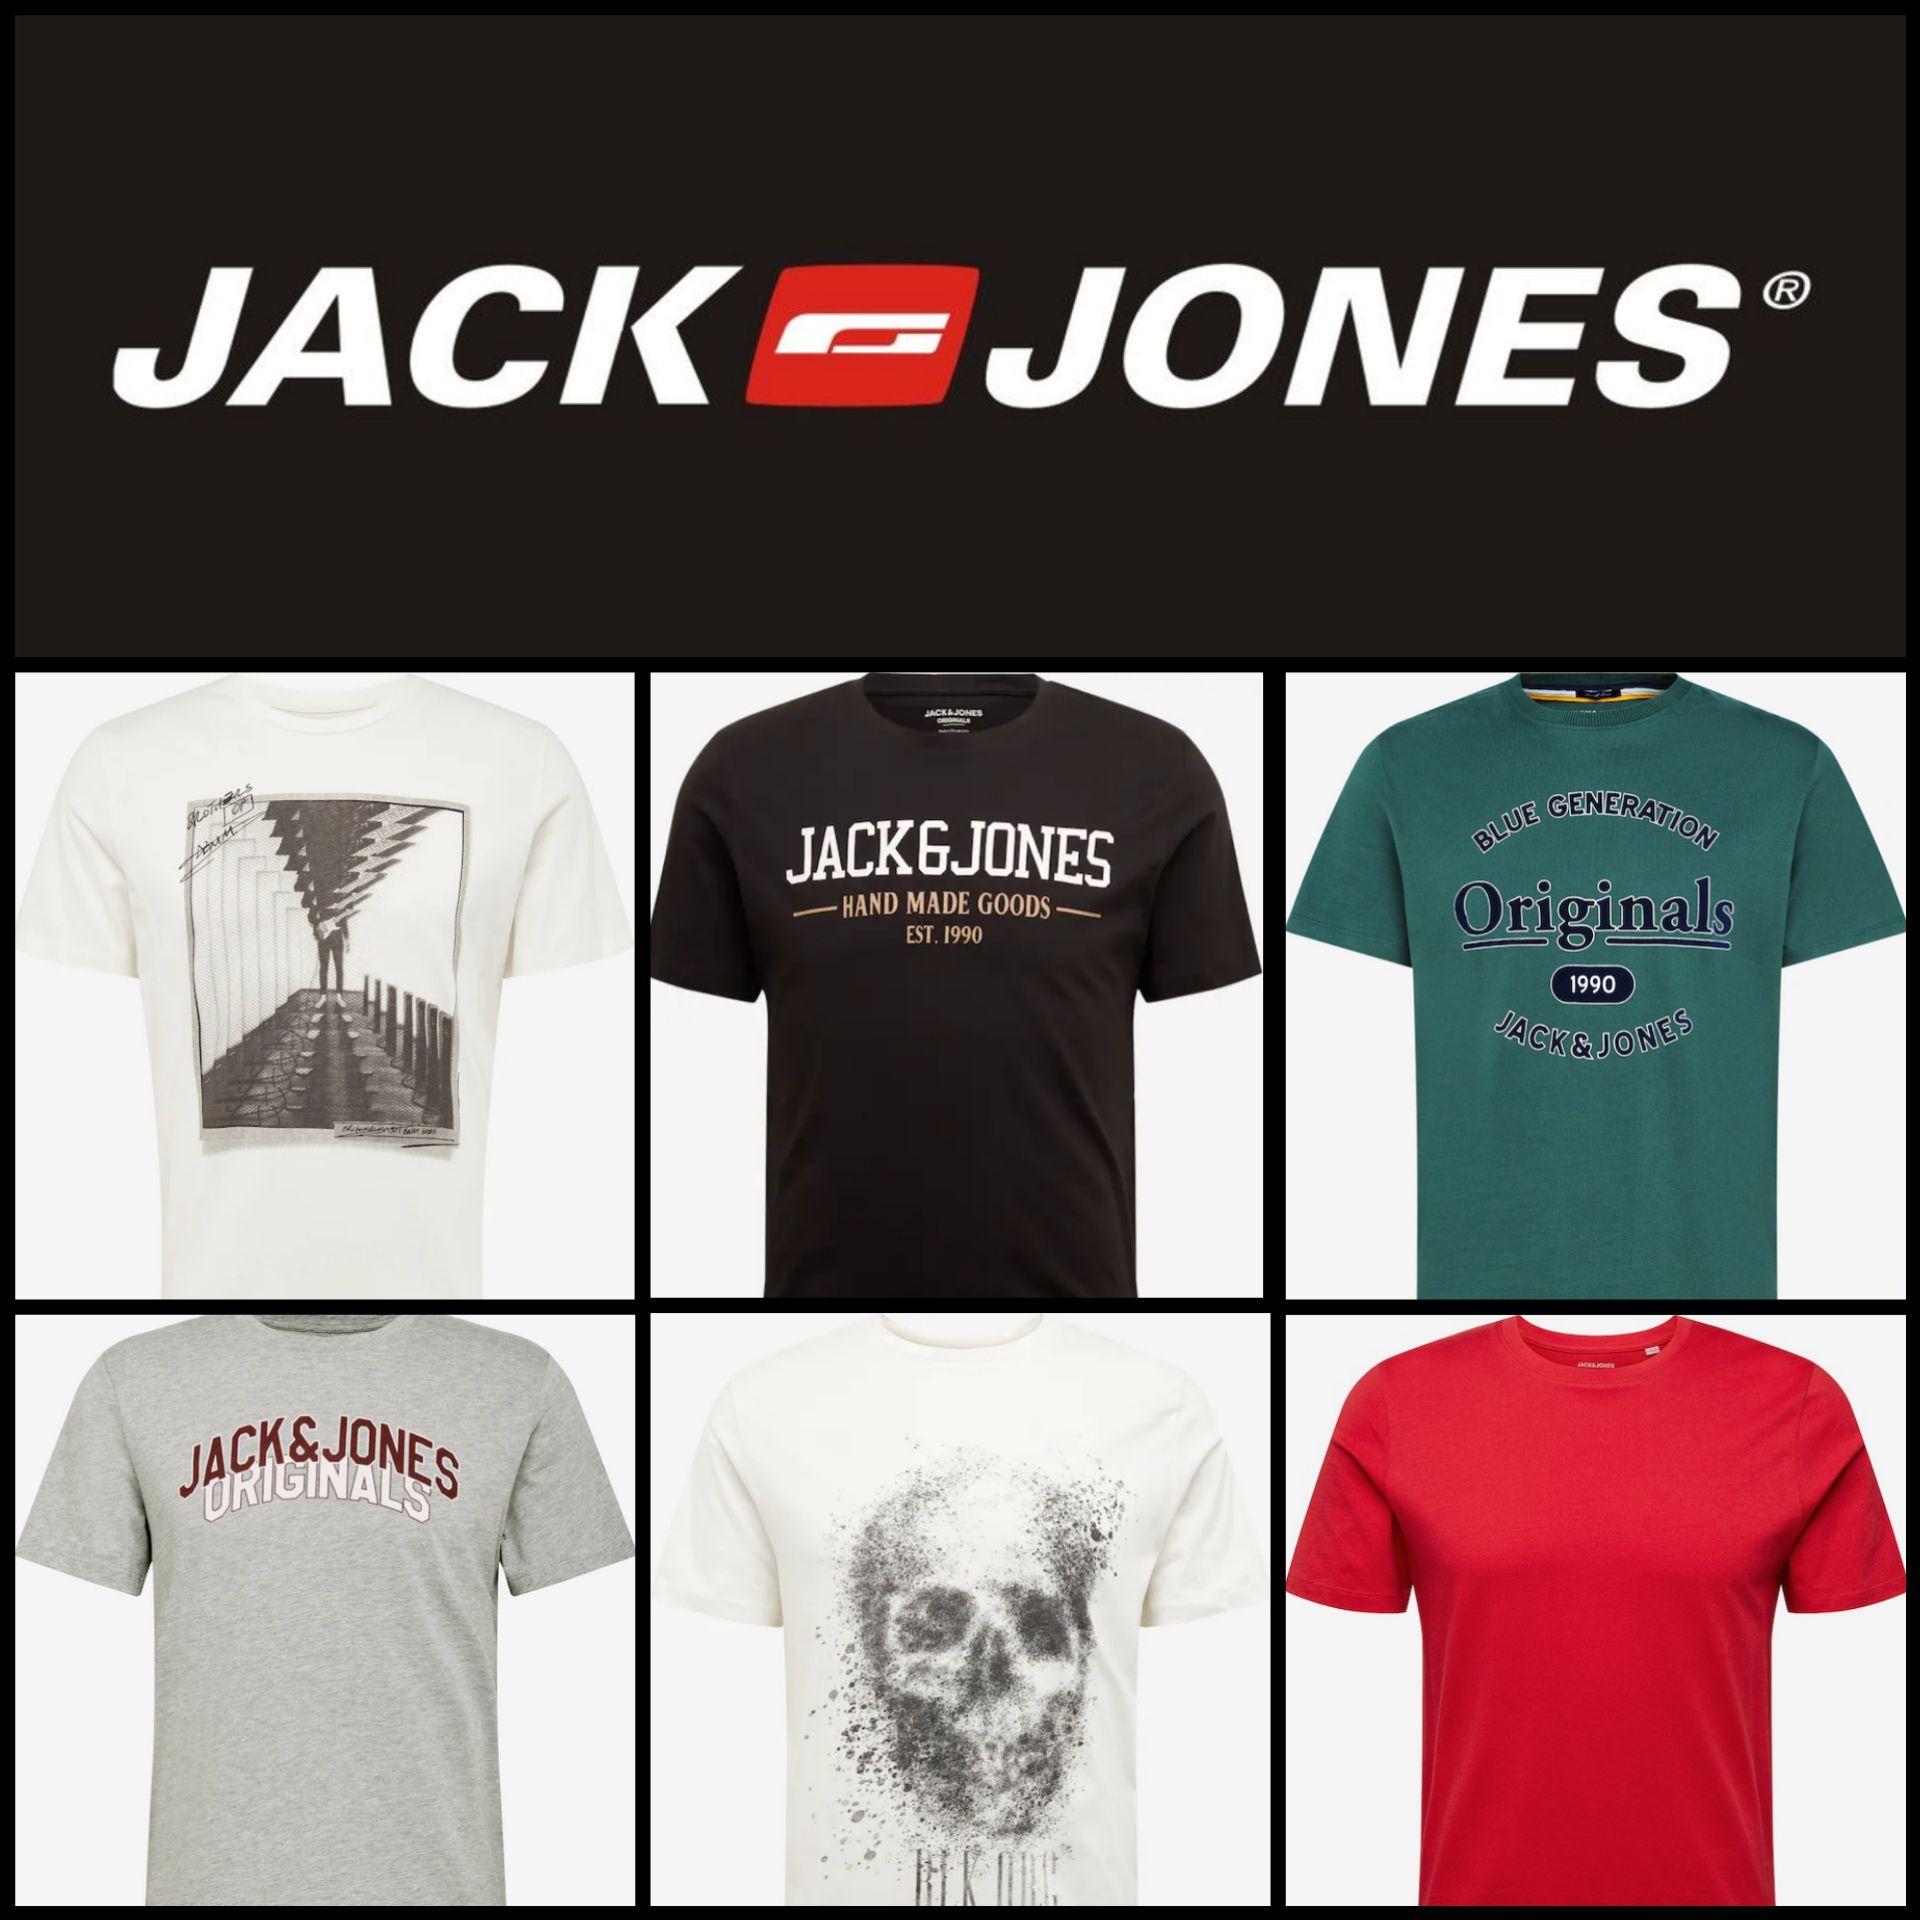 Recopilación Camisetas Jack&Jones por 6,93€ y 8,93€ + Envío Gratis